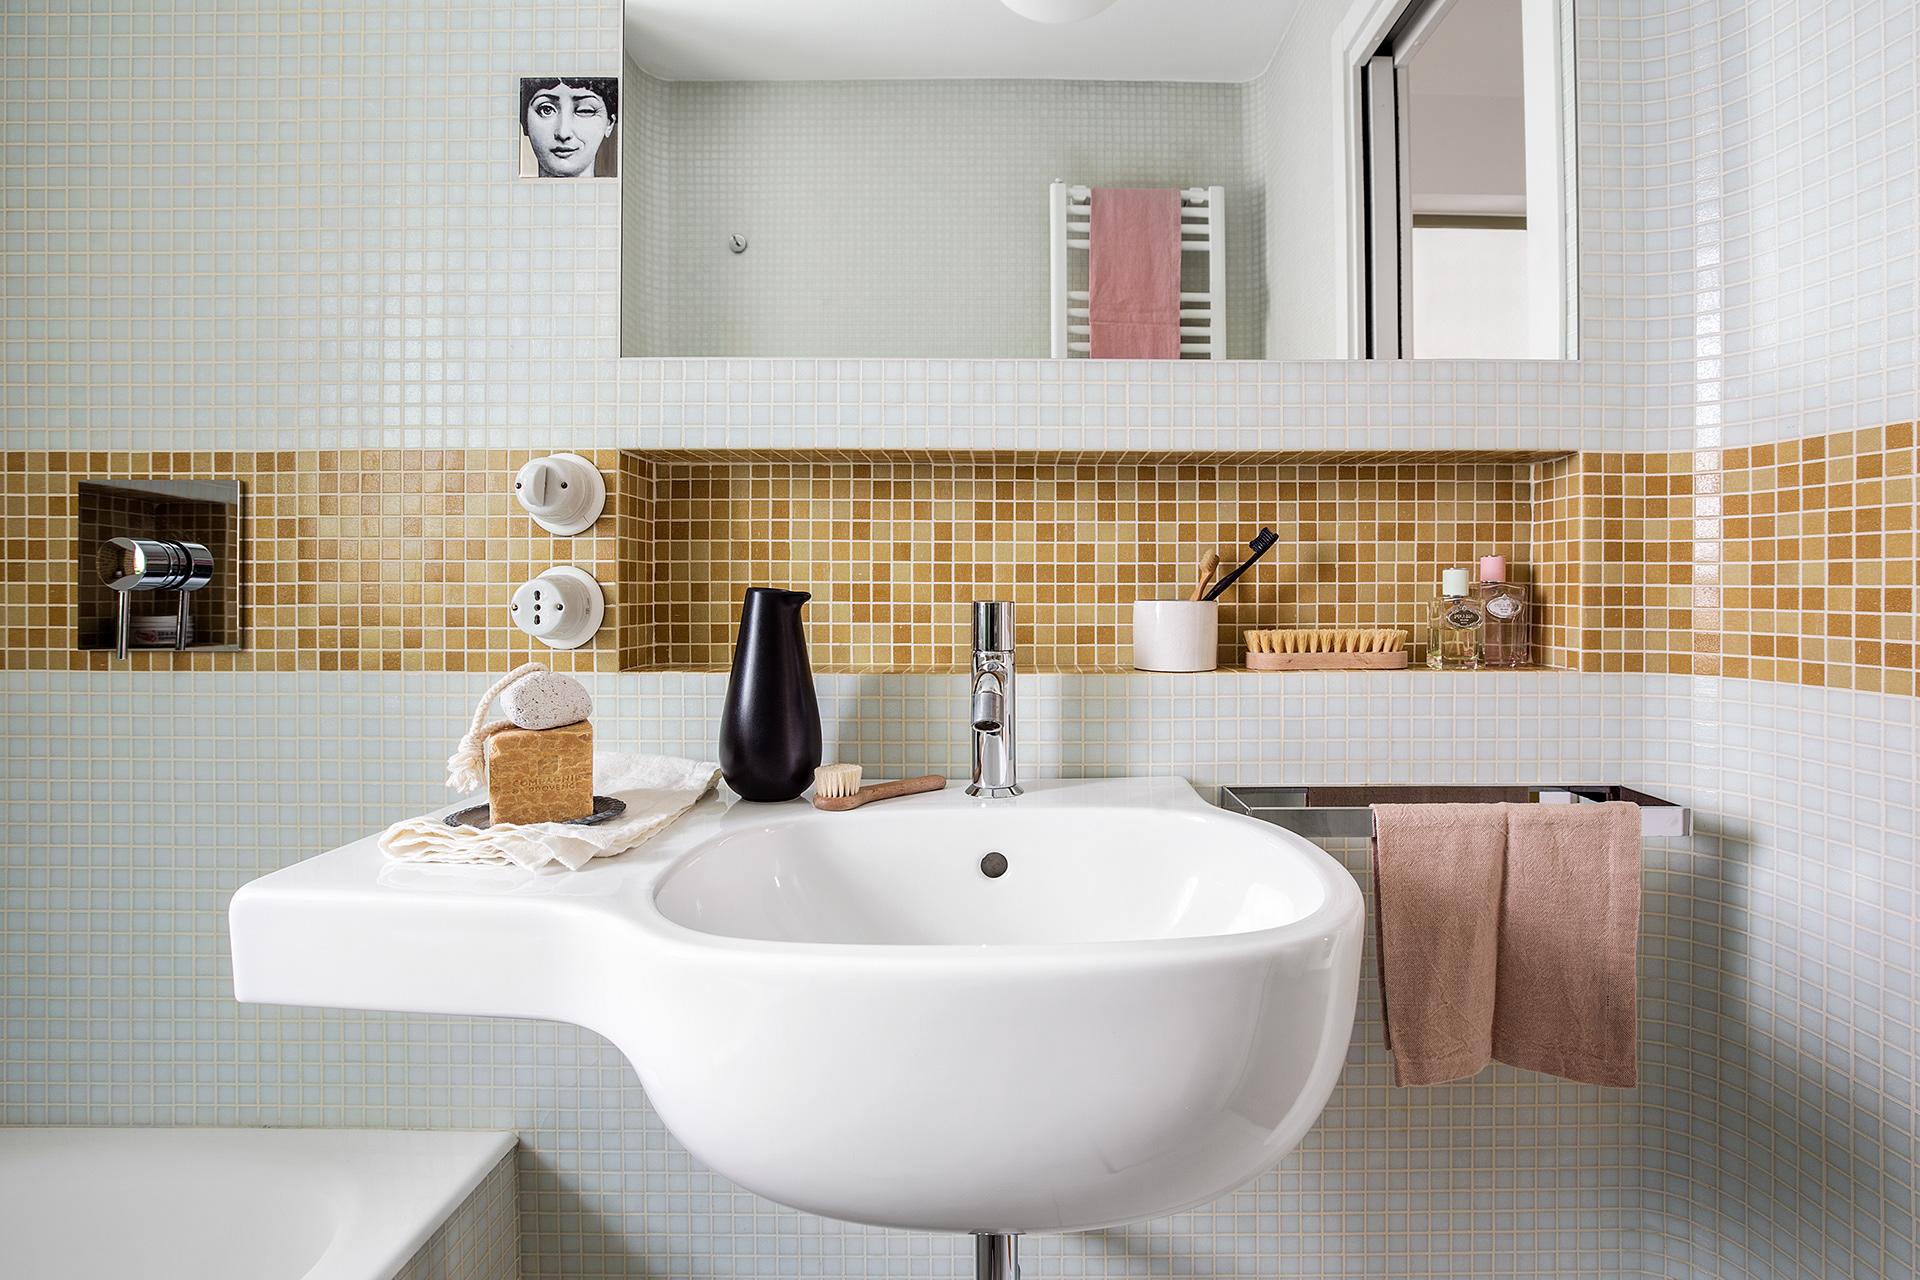 Kiến trúc sư tư vấn thiết kế cải tạo ngôi nhà cấp 4 rộng 54m² với chi phí 210 triệu đồng - Ảnh 10.